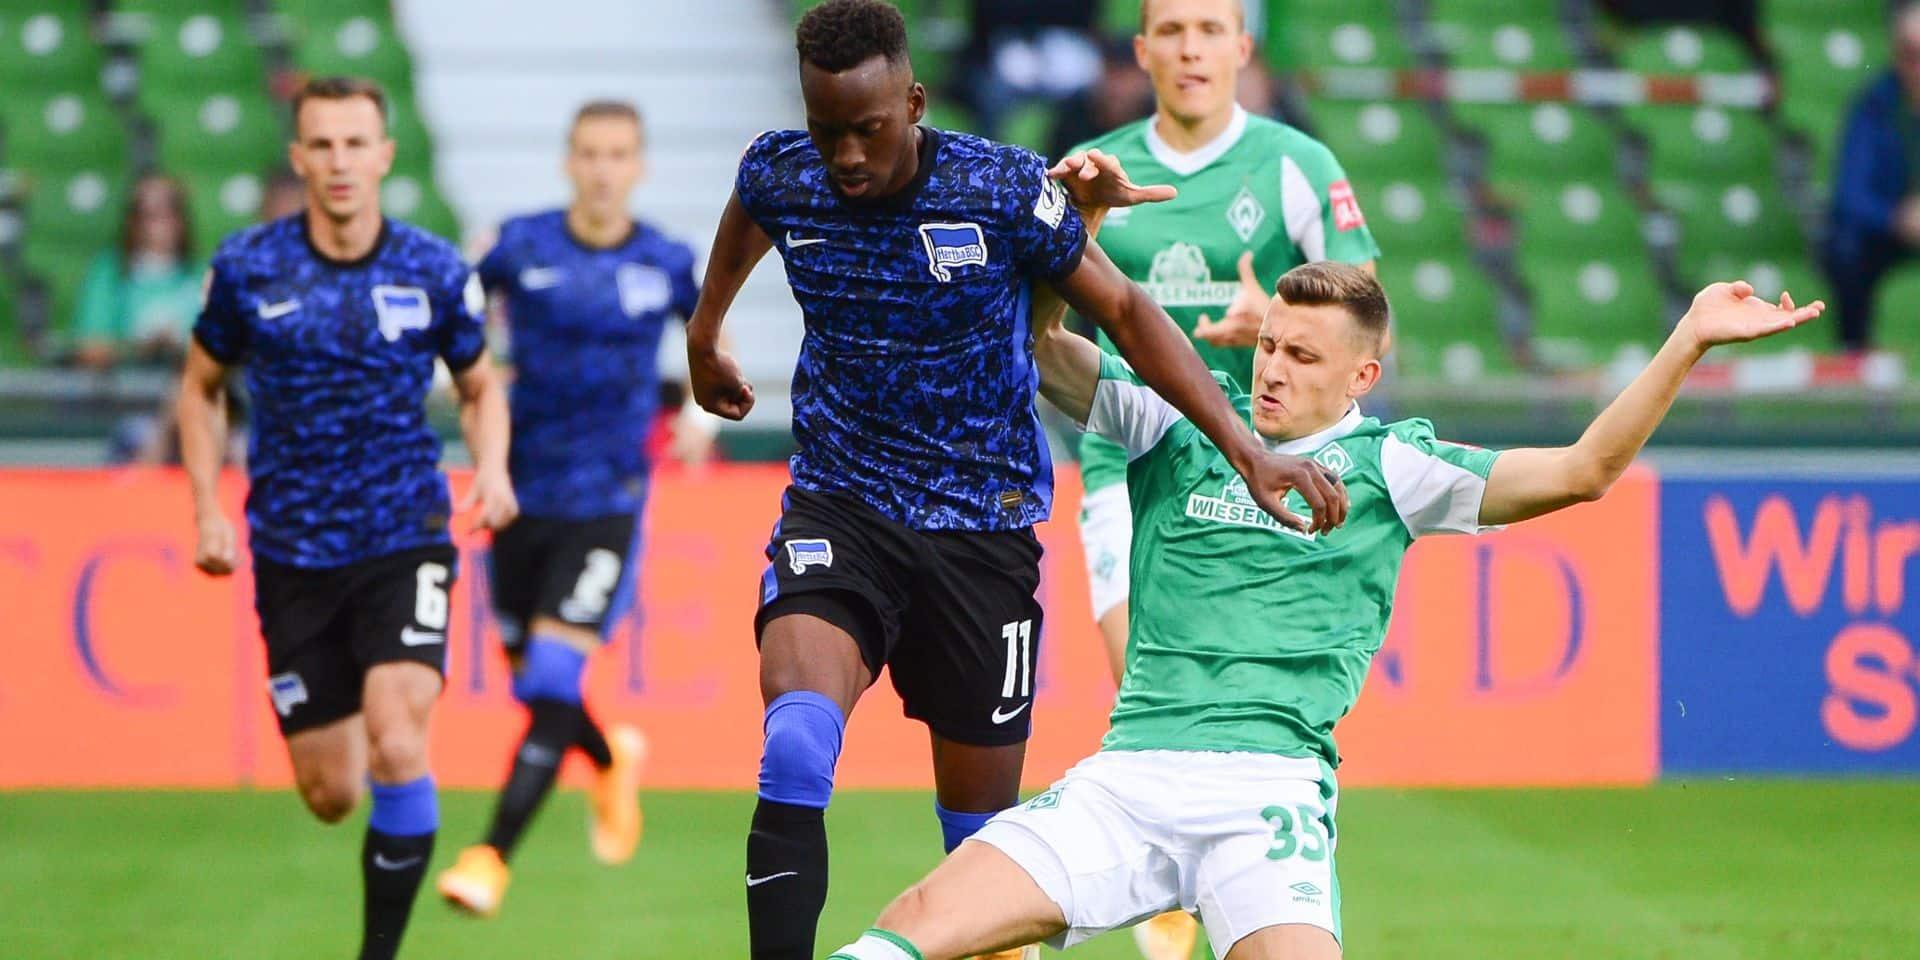 Dodi Lukebakio ouvre son compteur buts dès la première journée avec le Hertha Berlin (VIDEO)